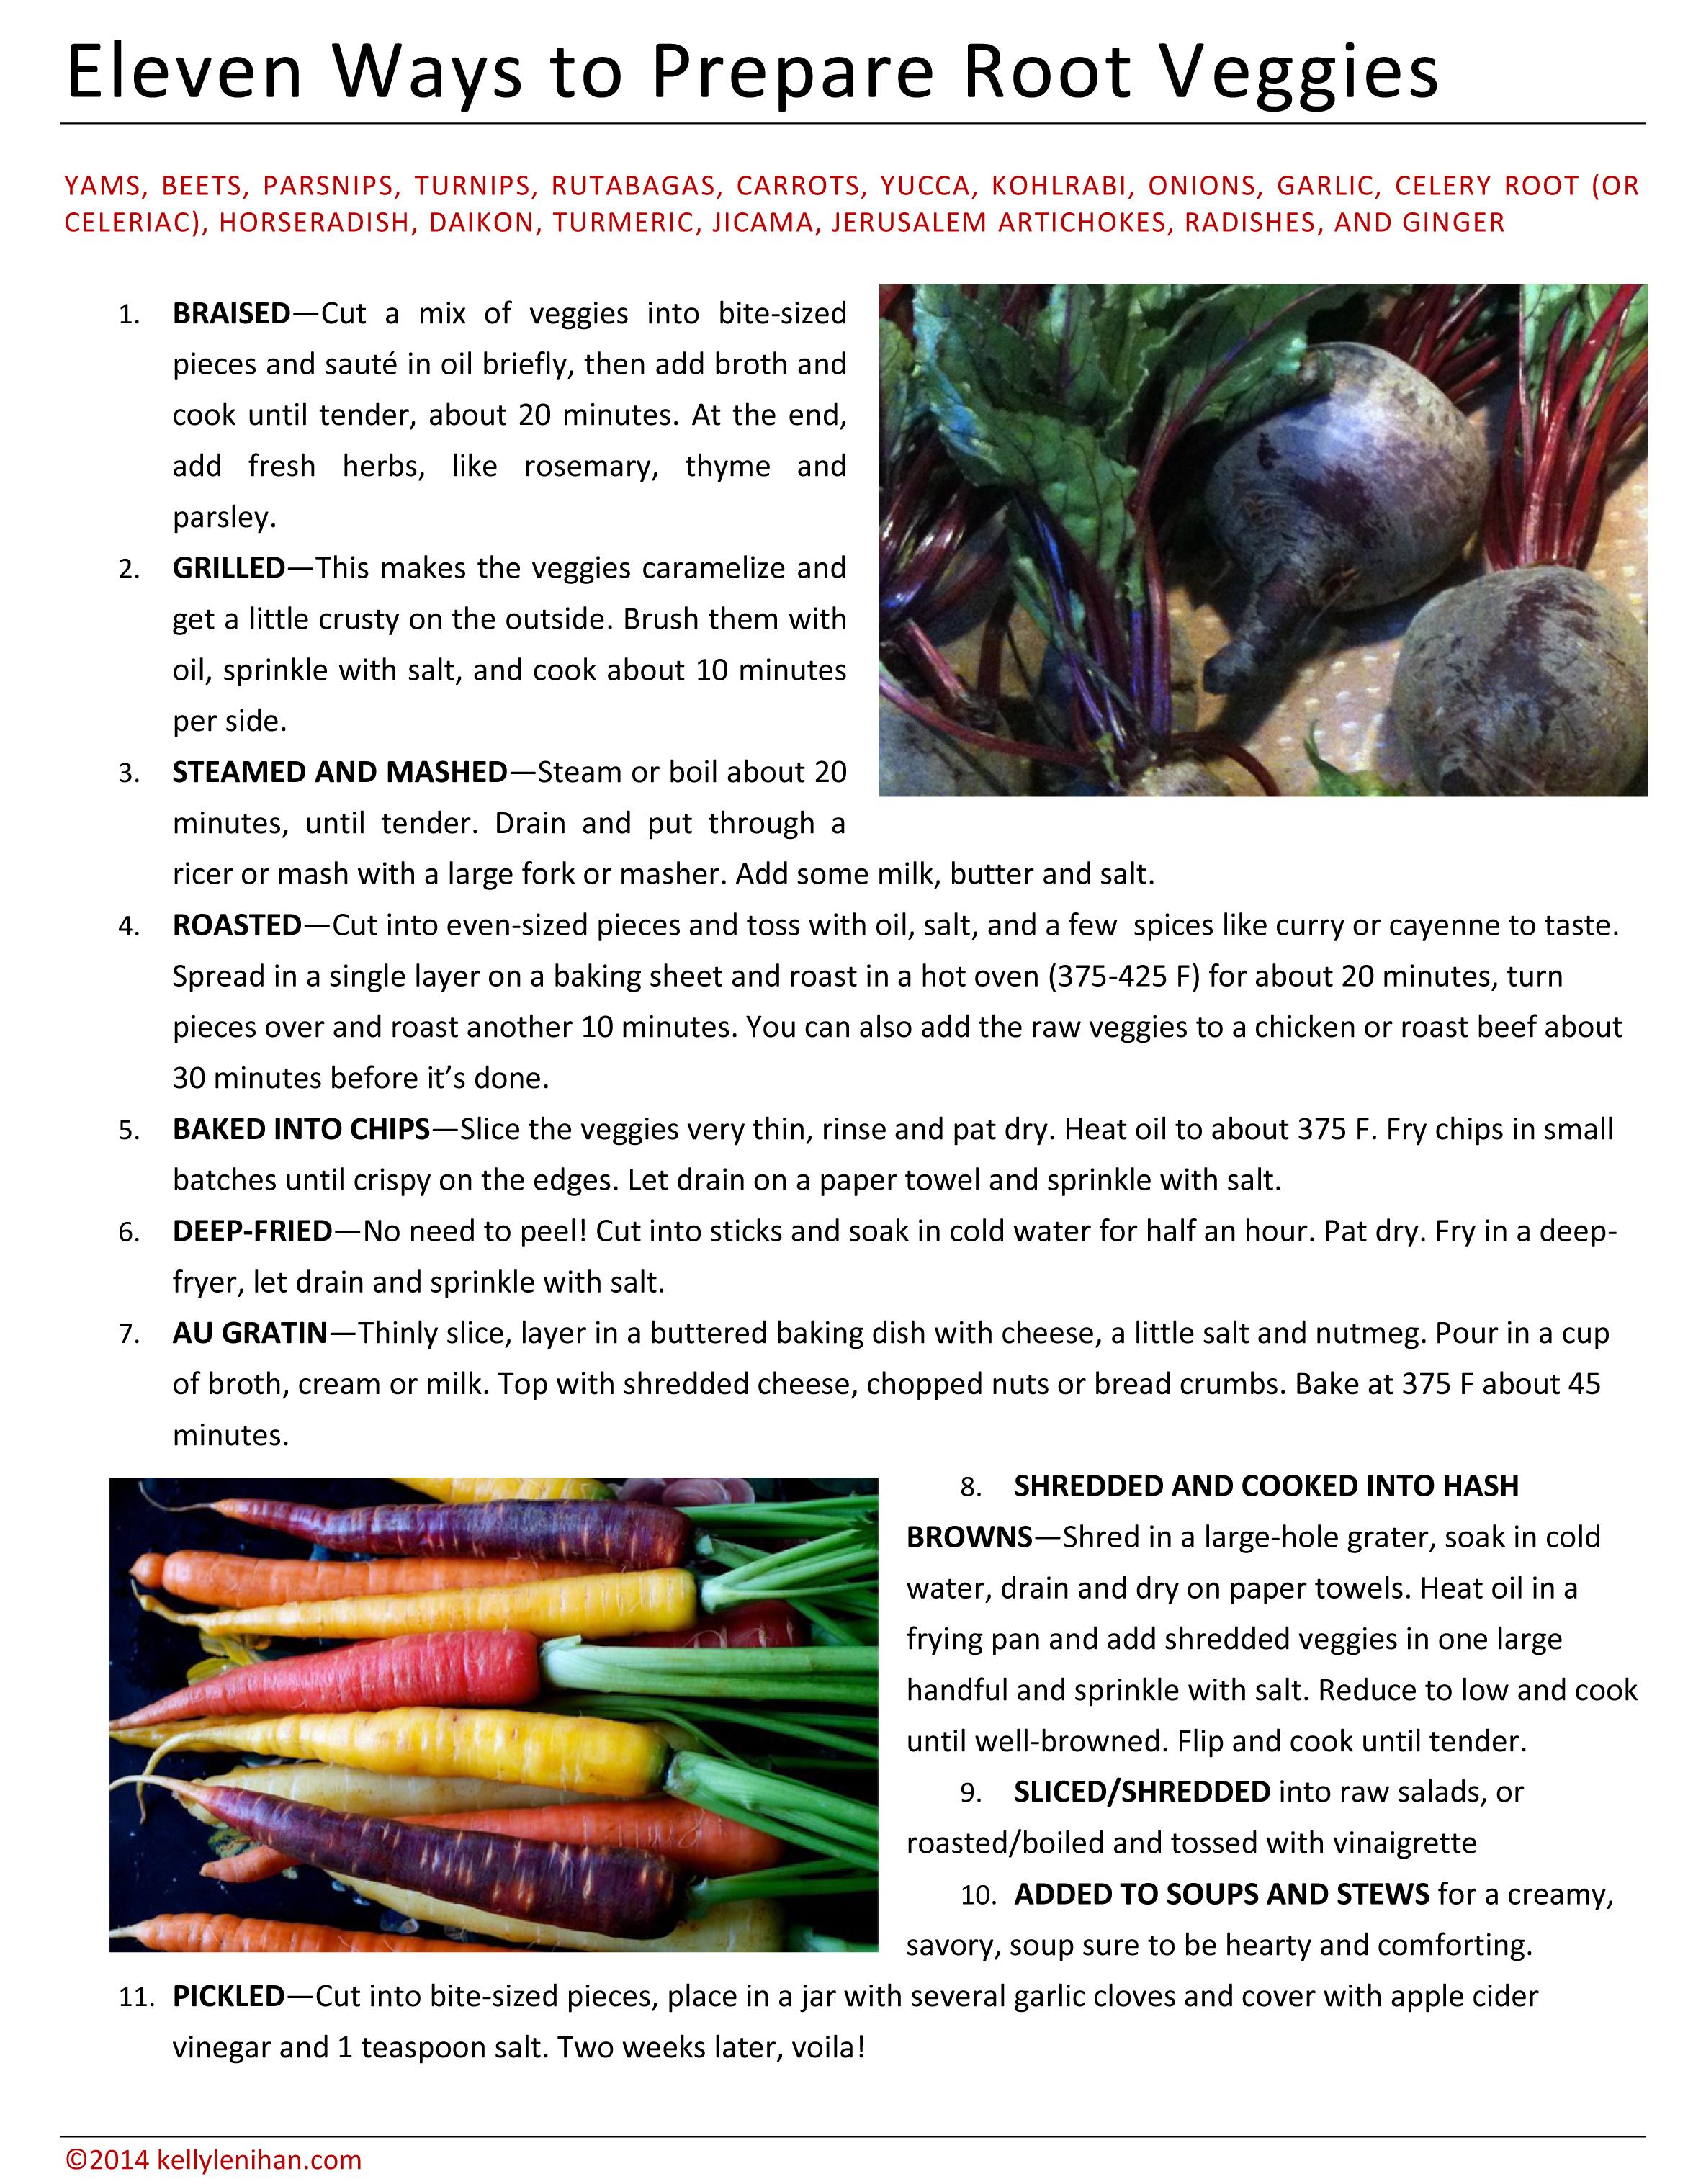 11 ways to prepare root veggies by Kelly Lenihan